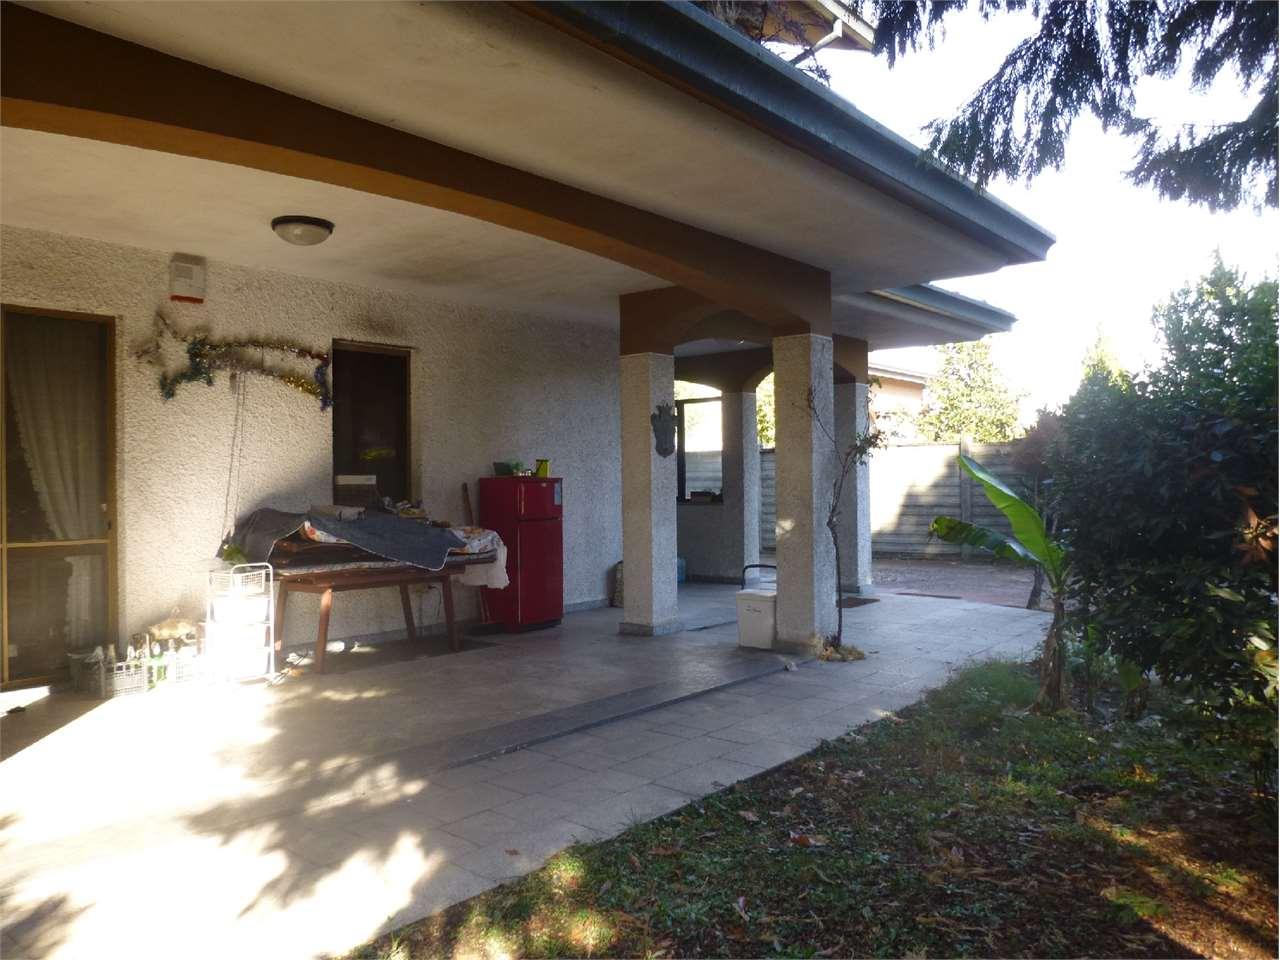 Appartamento in vendita a Busto Garolfo, 4 locali, prezzo € 195.000 | CambioCasa.it